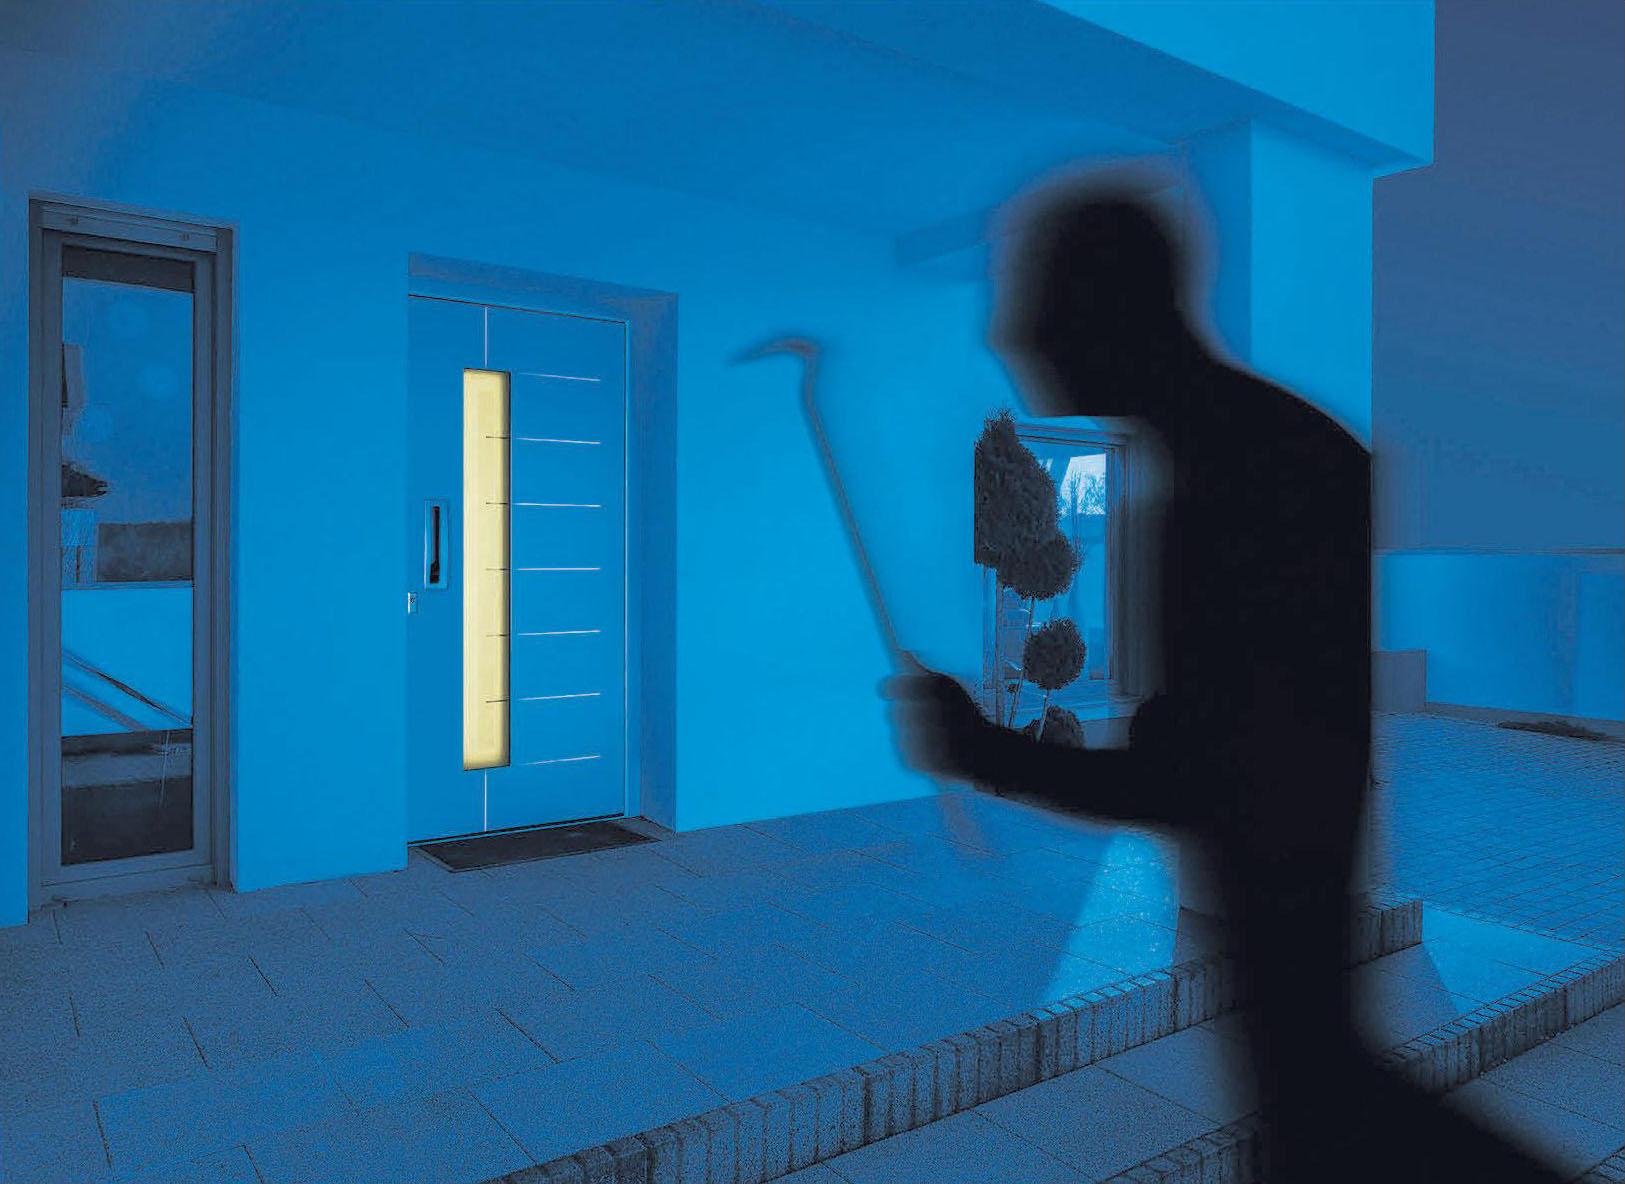 Mit Sicherheitstechnik vom Experten dem Einbrecher ein Schnippchen schlagen. Foto: Wirus Fenster GmbH & Co. KG/akz-o